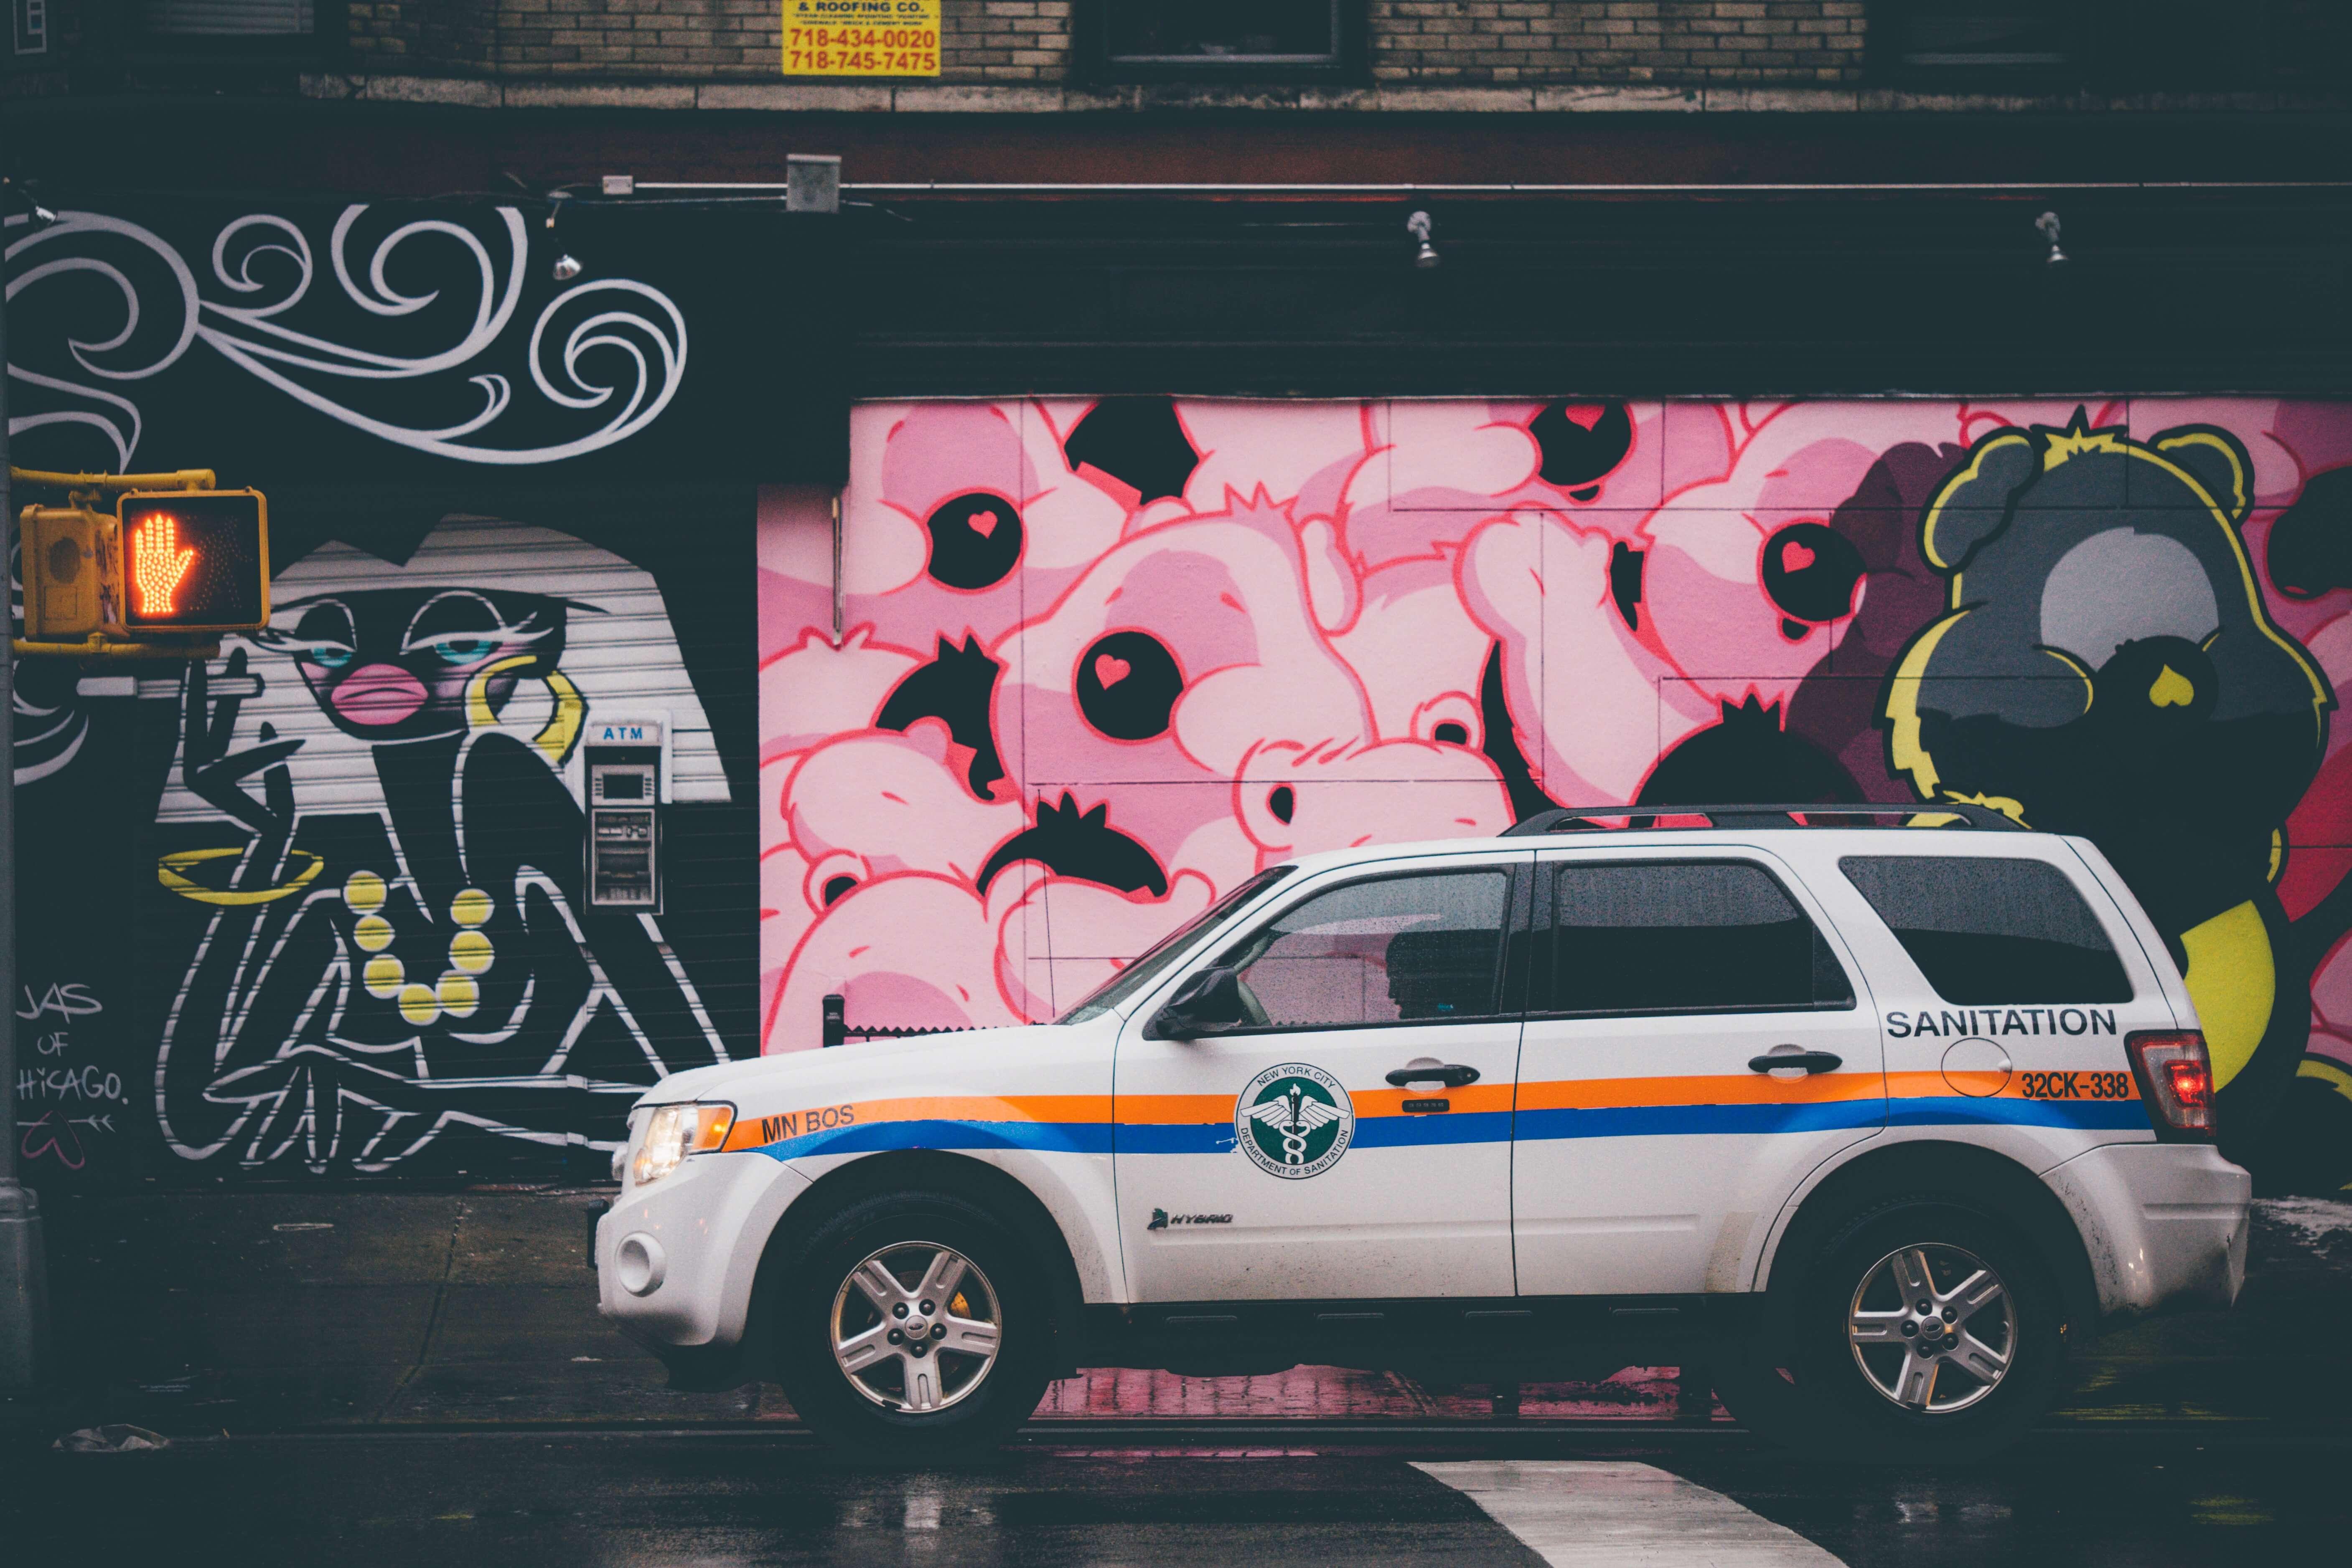 纽约卫生局再次突检八大道,逃避罚款或调查恐致刑事罪!